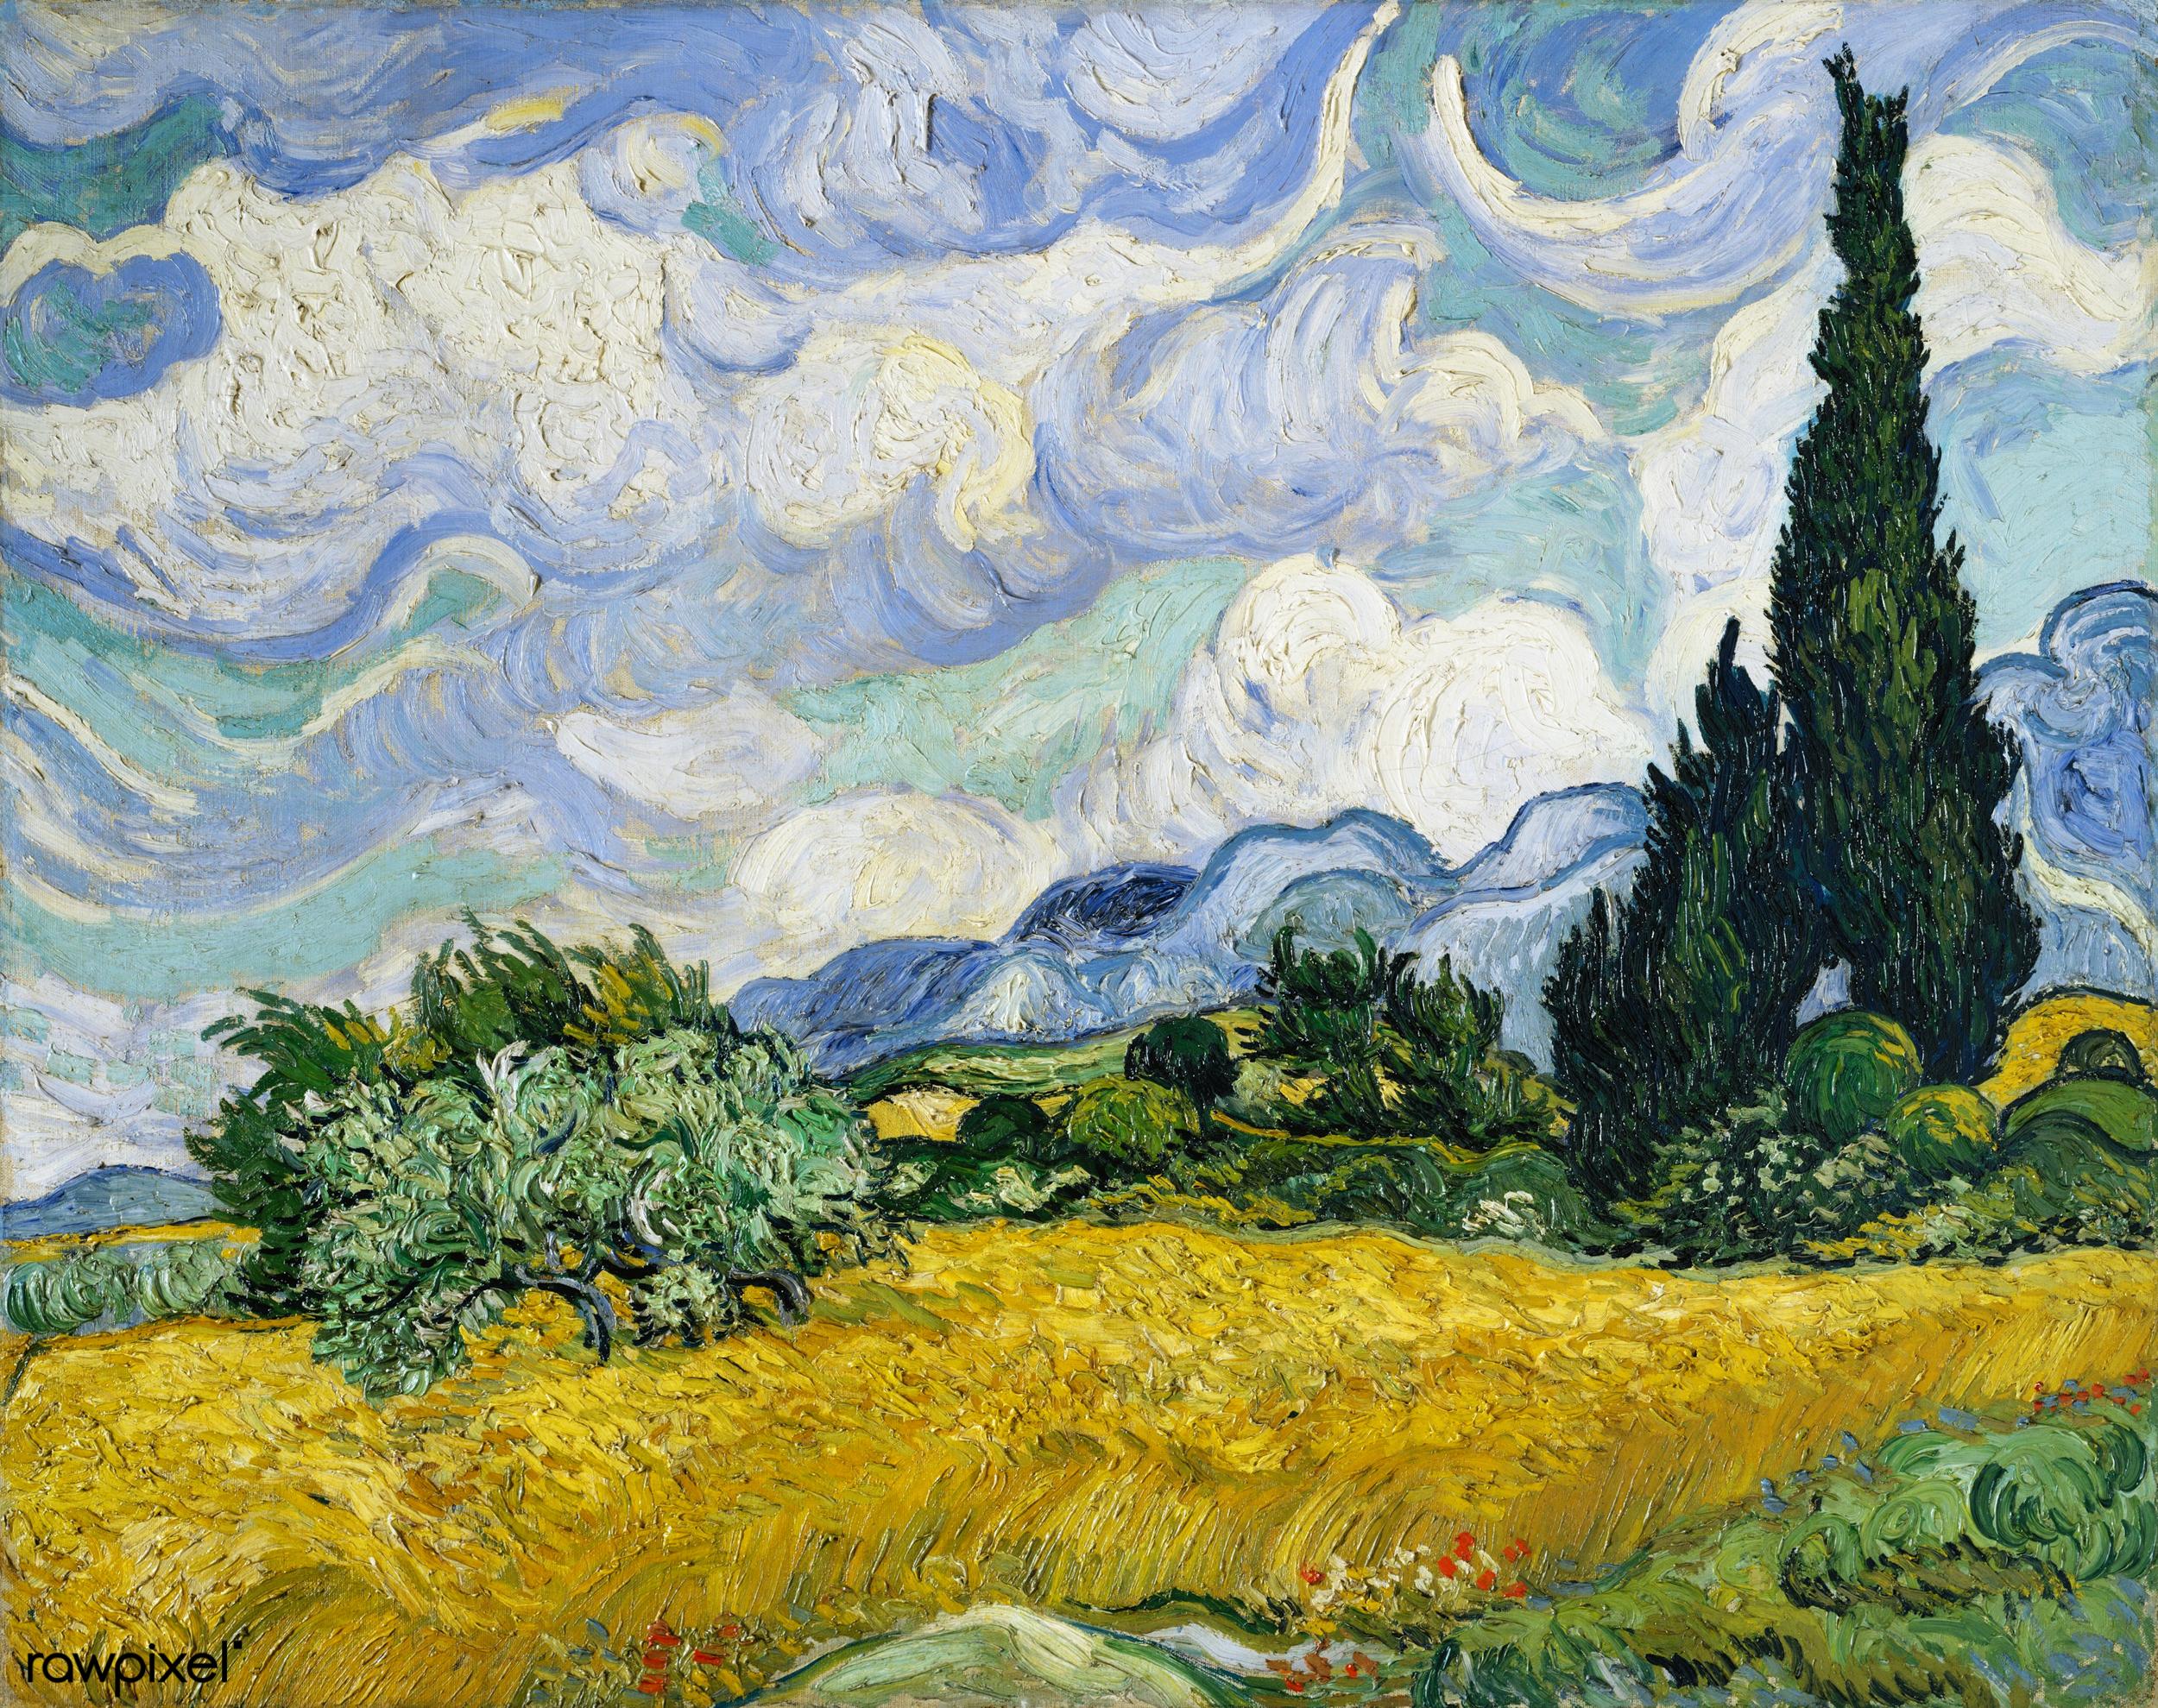 File:Vincent van Gogh's famous painting,